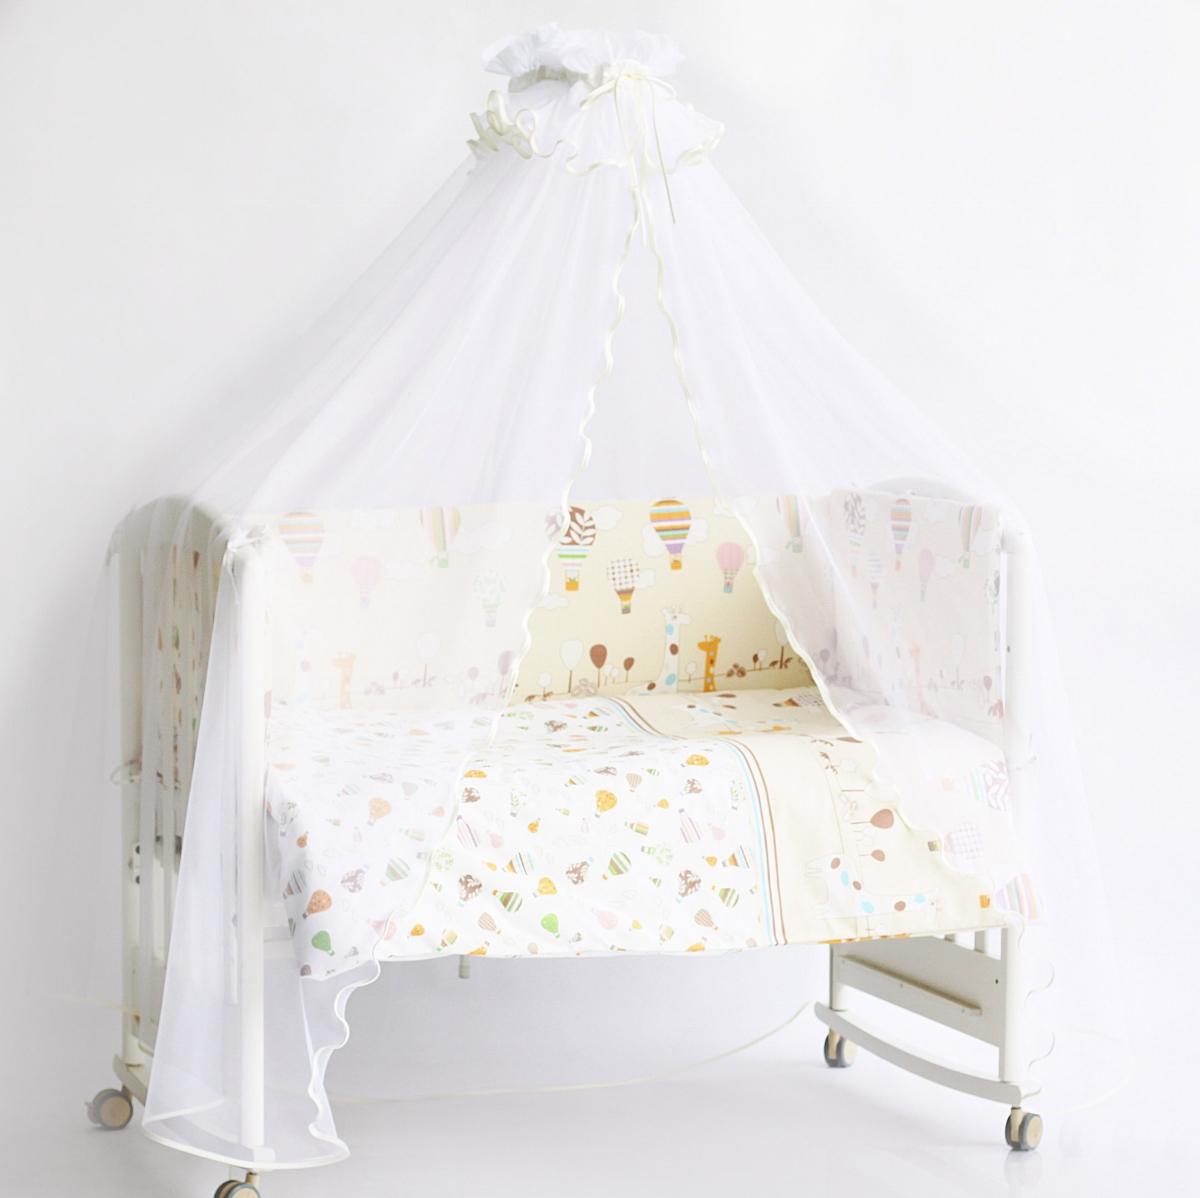 Rabby Baby Балдахин для детской кроваткиRB039/4Балдахин: высота 170 см, общая длина 4 м 50 см. Основной материал - сетка - полиэфир.